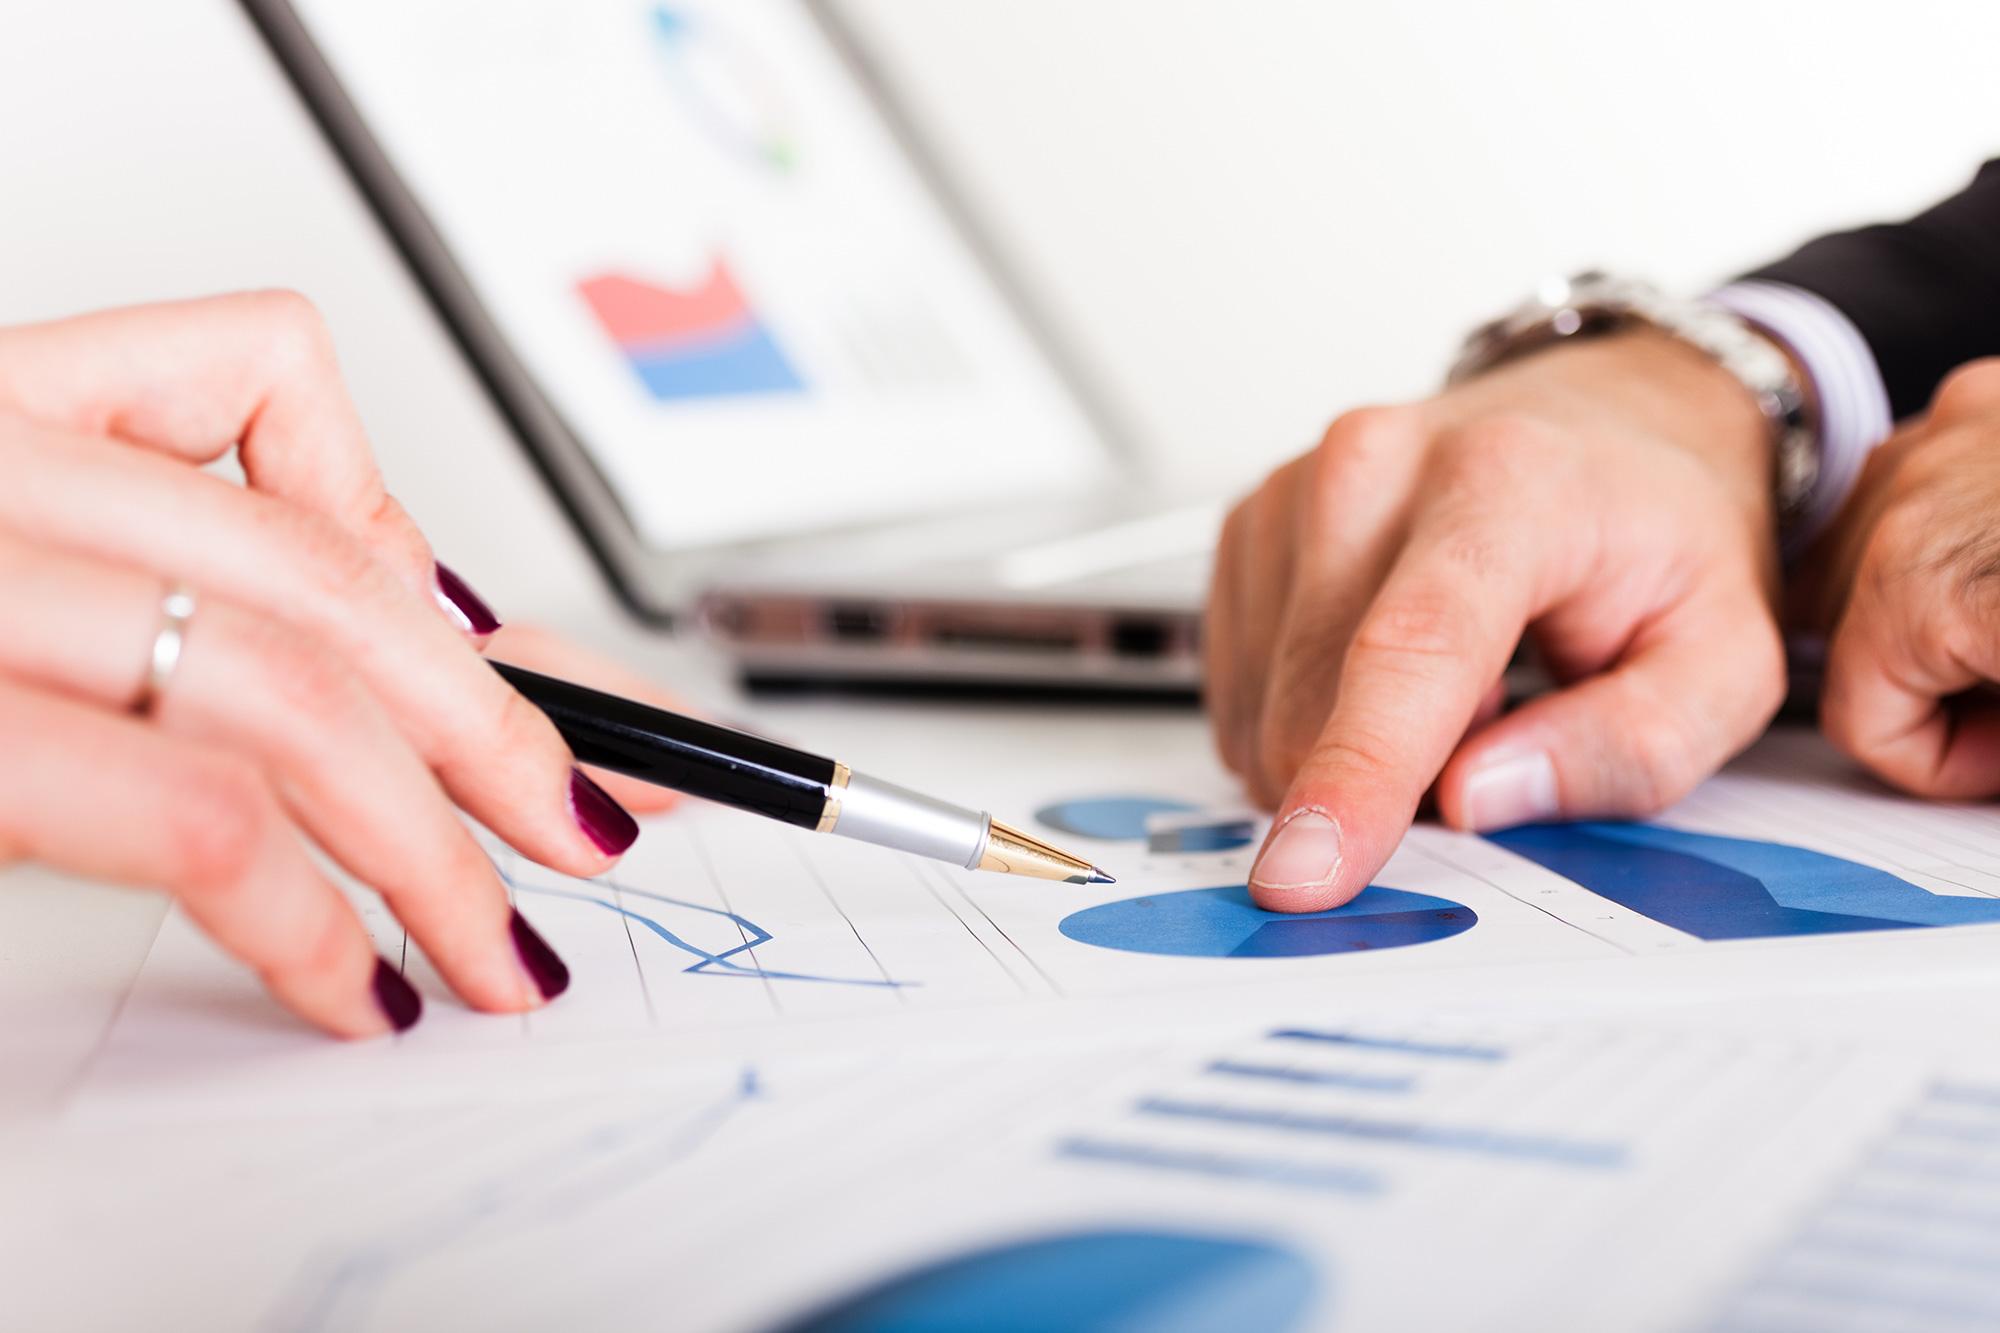 carteira-de-investimentos - Como Ganhar Dinheiro com Investimentos Financeiros